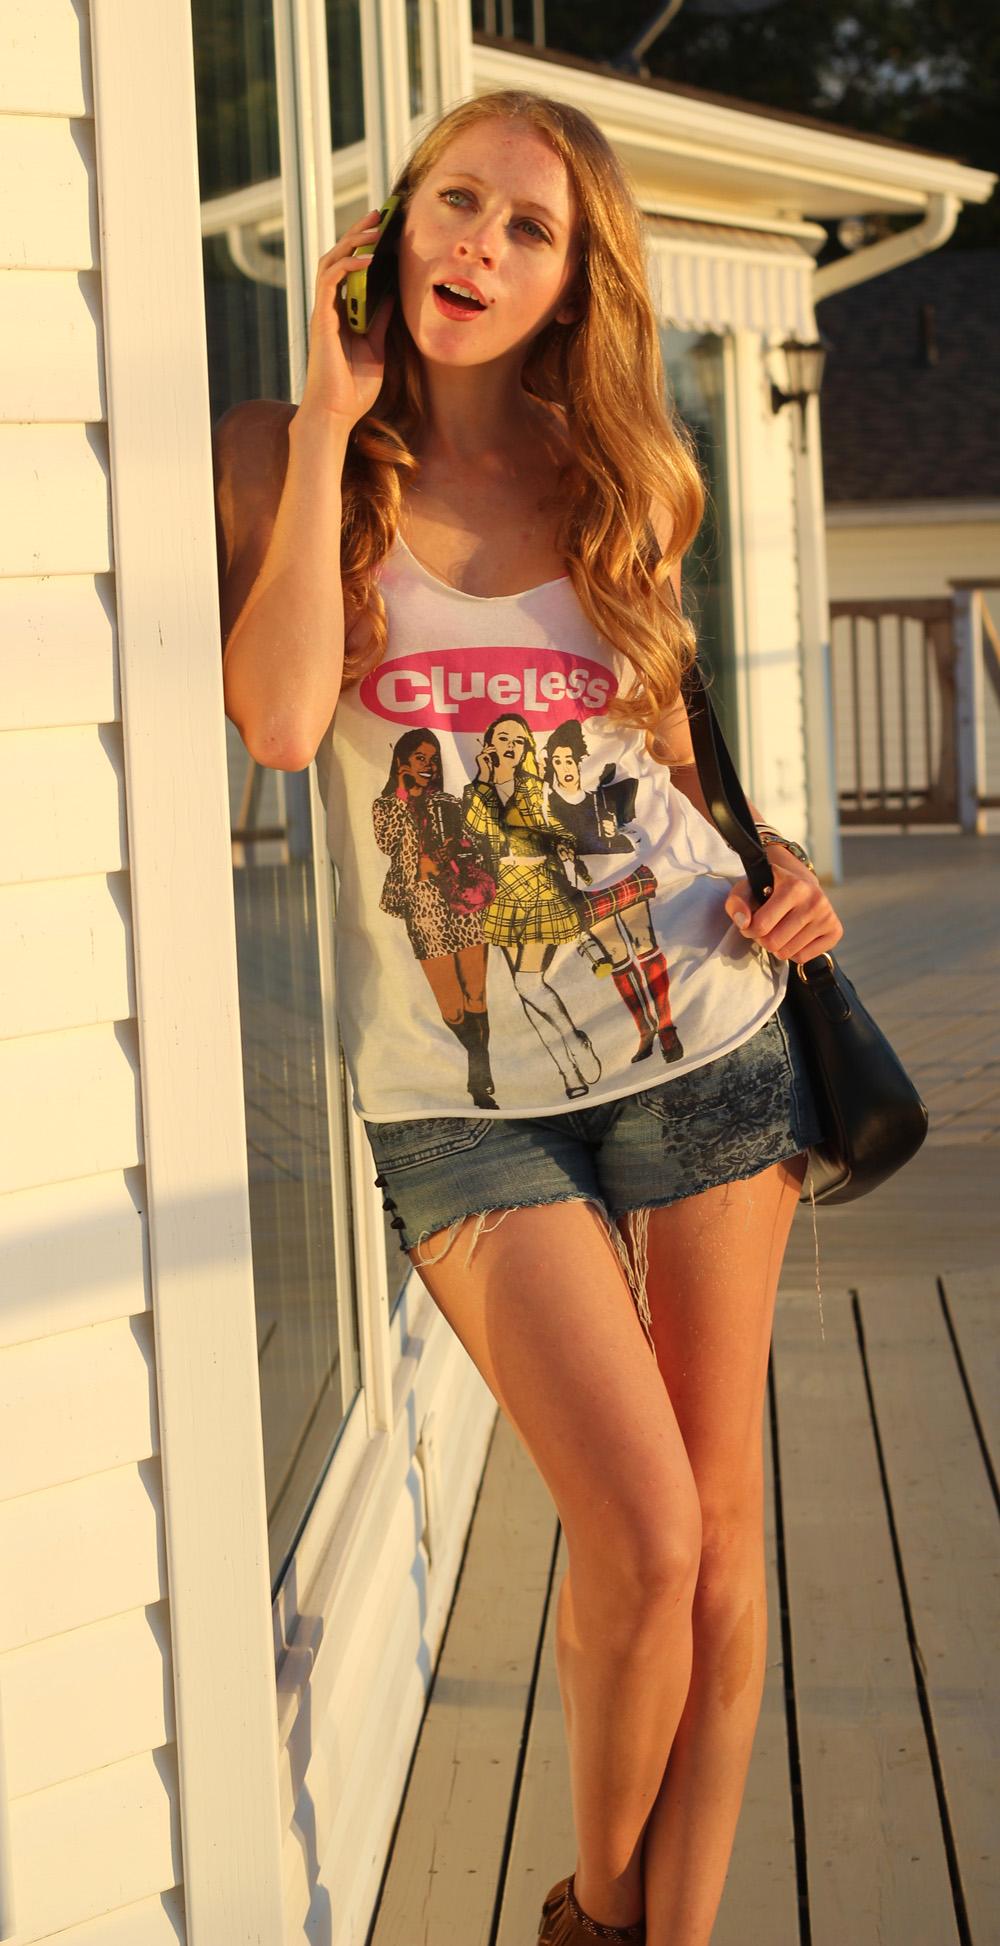 clueless shirt